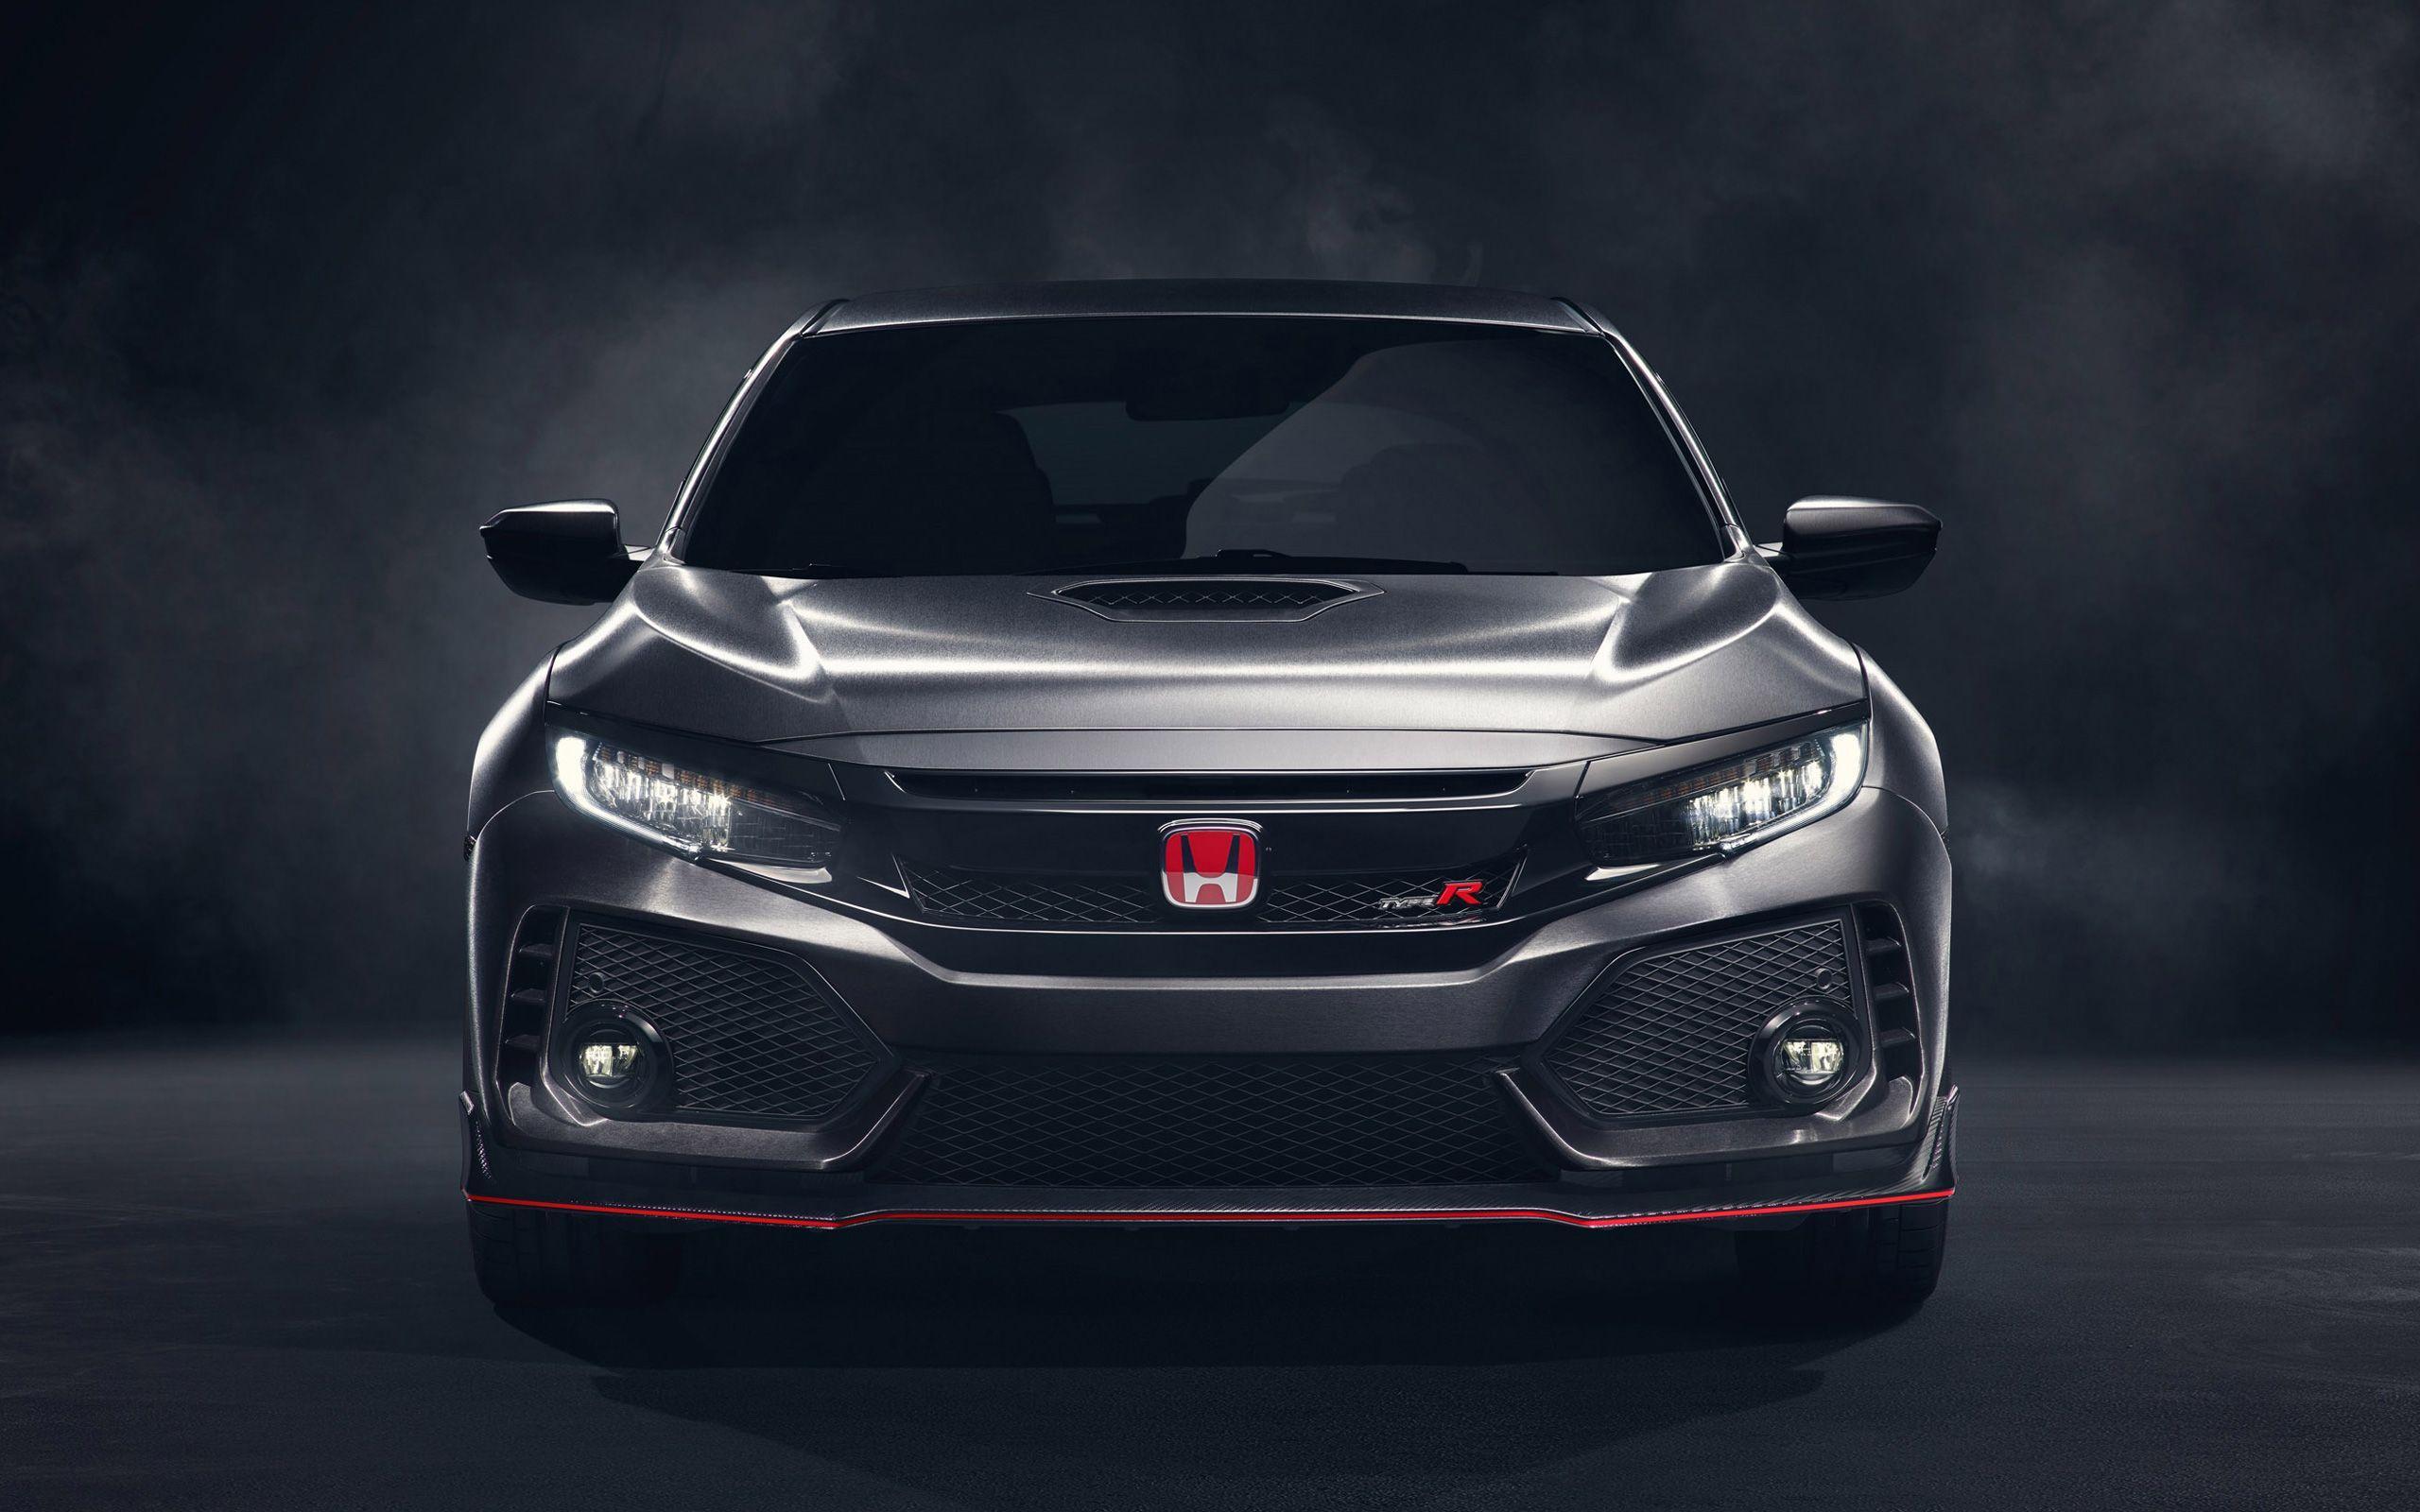 2017 Honda Civic Type R Wallpaper HD Car Wallpapers